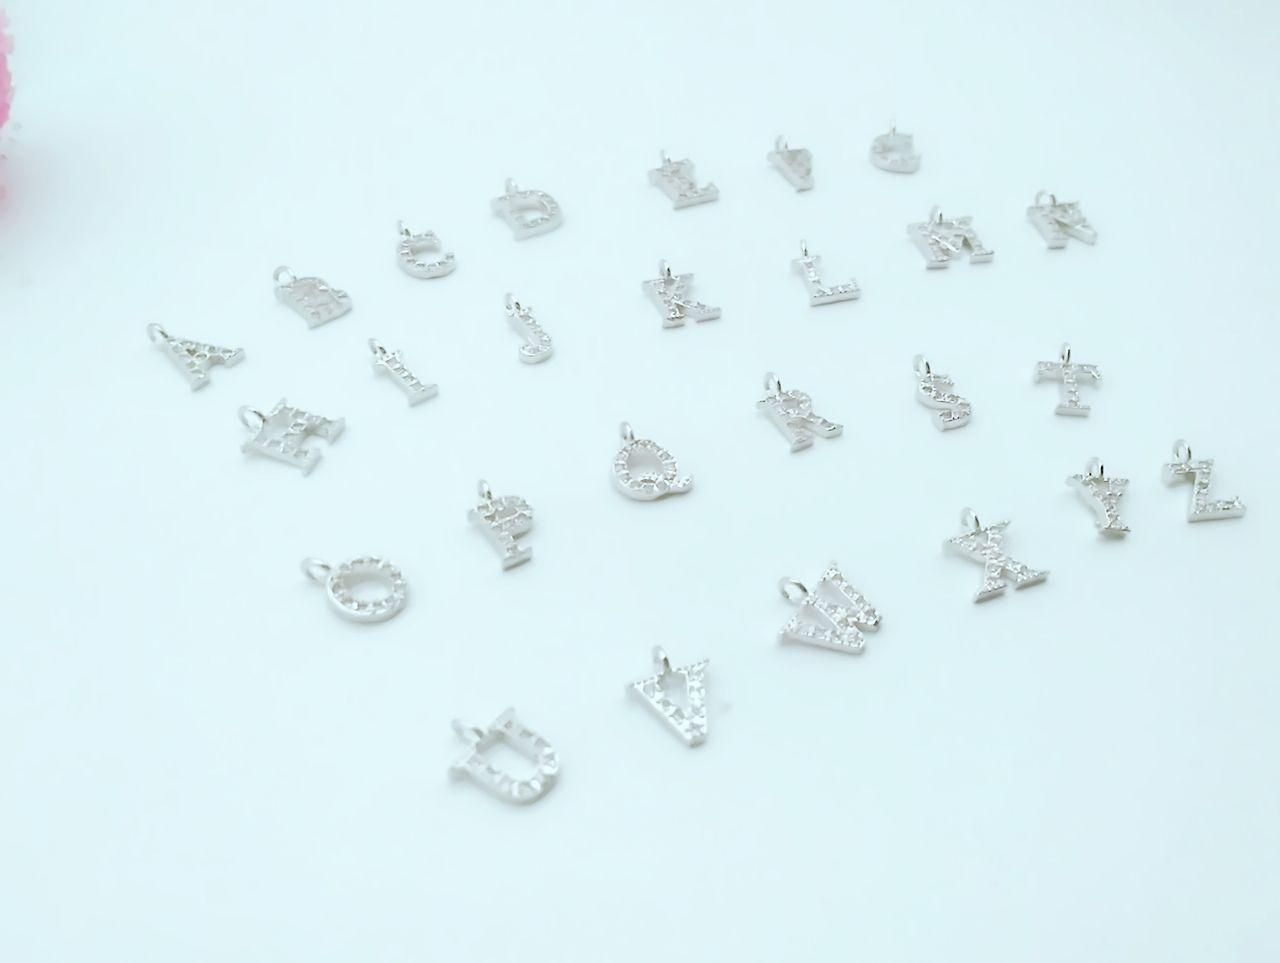 26 шт. A-z элегантный Кристалл мозаика Циркон тонкий небольшой кулон 26 букв алфавит ювелирных изделий